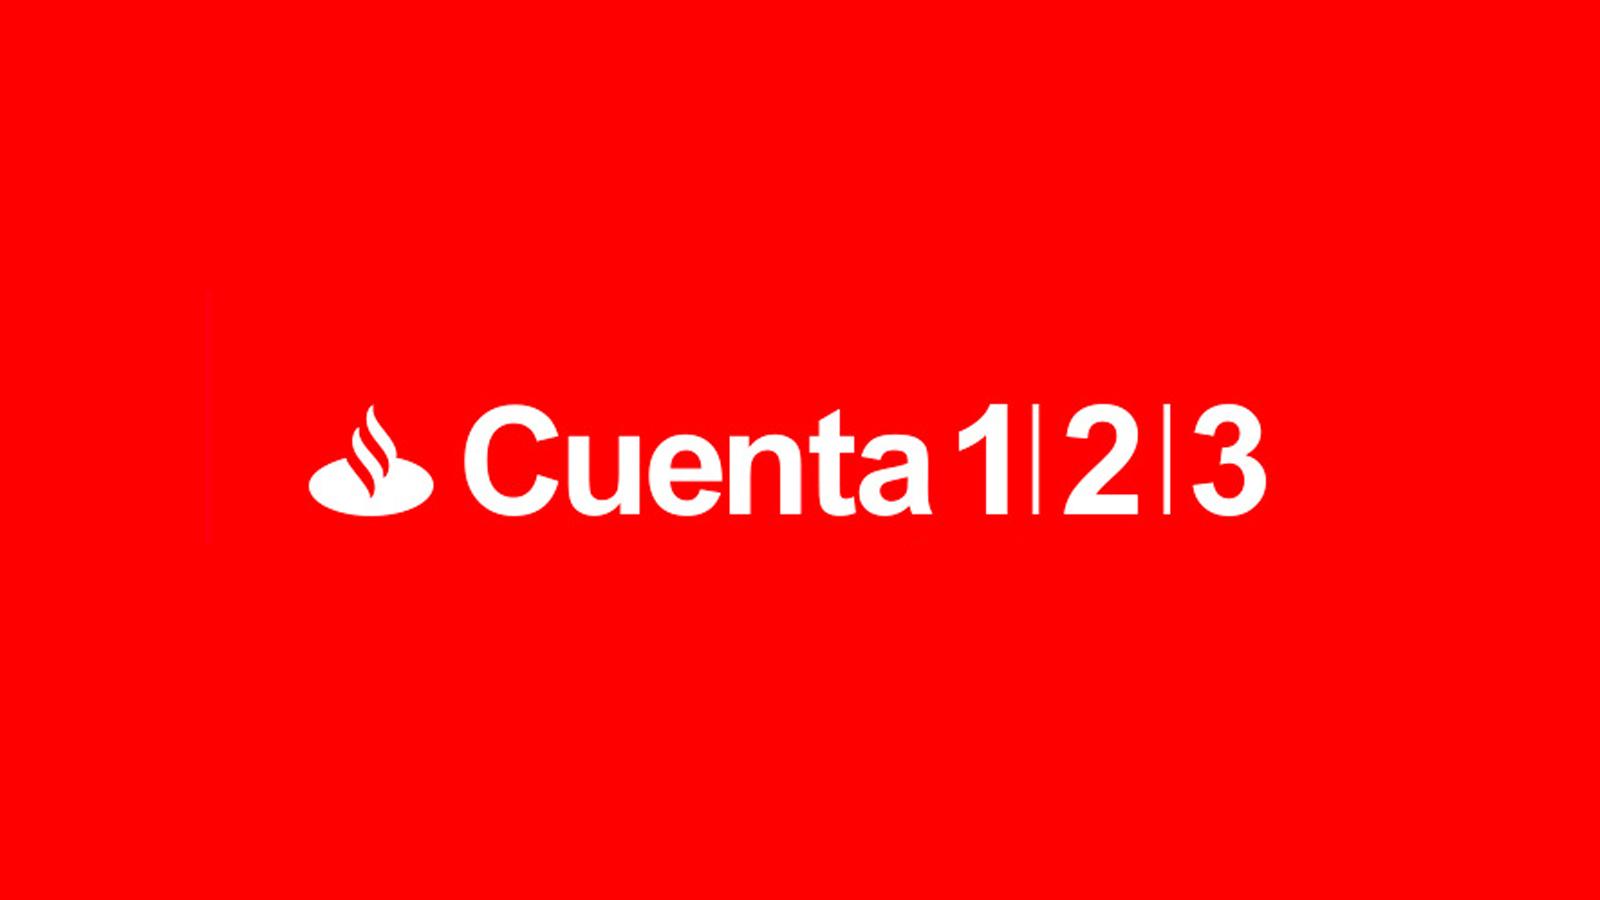 La cuenta 123 empeora condiciones for Modelo reclamacion clausula suelo banco popular